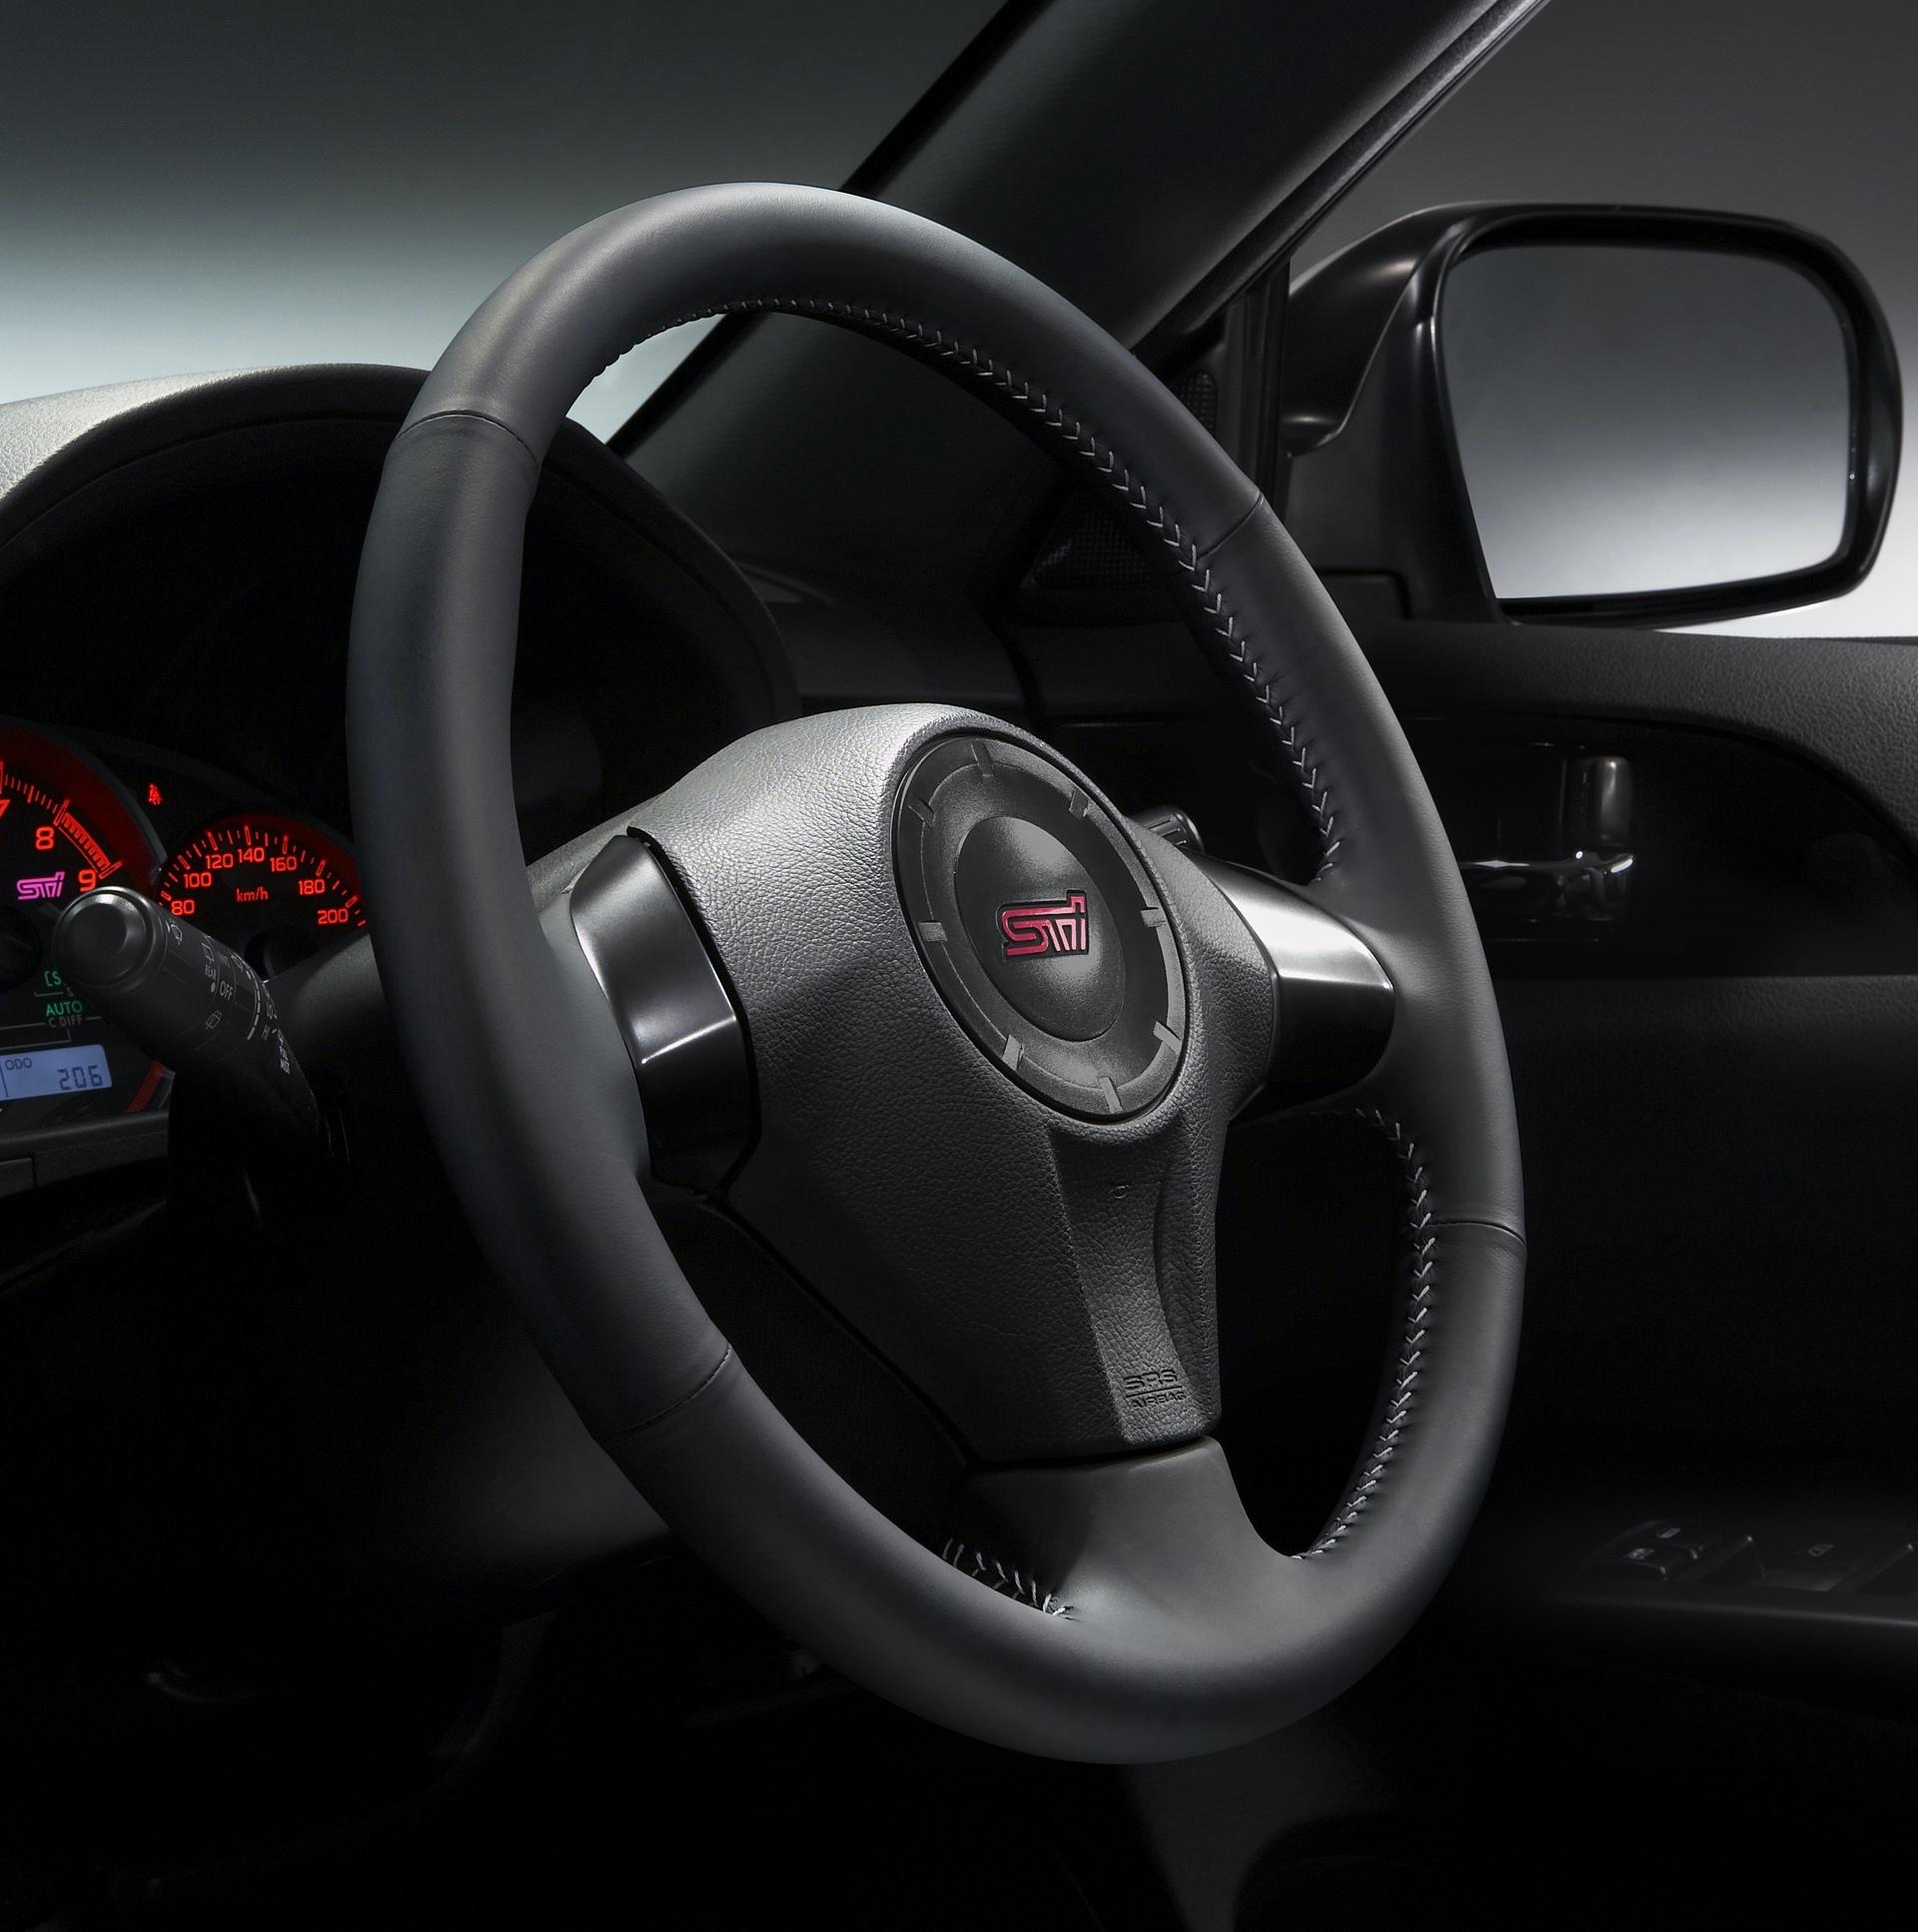 Subaru_Impreza_STI_S206_0019